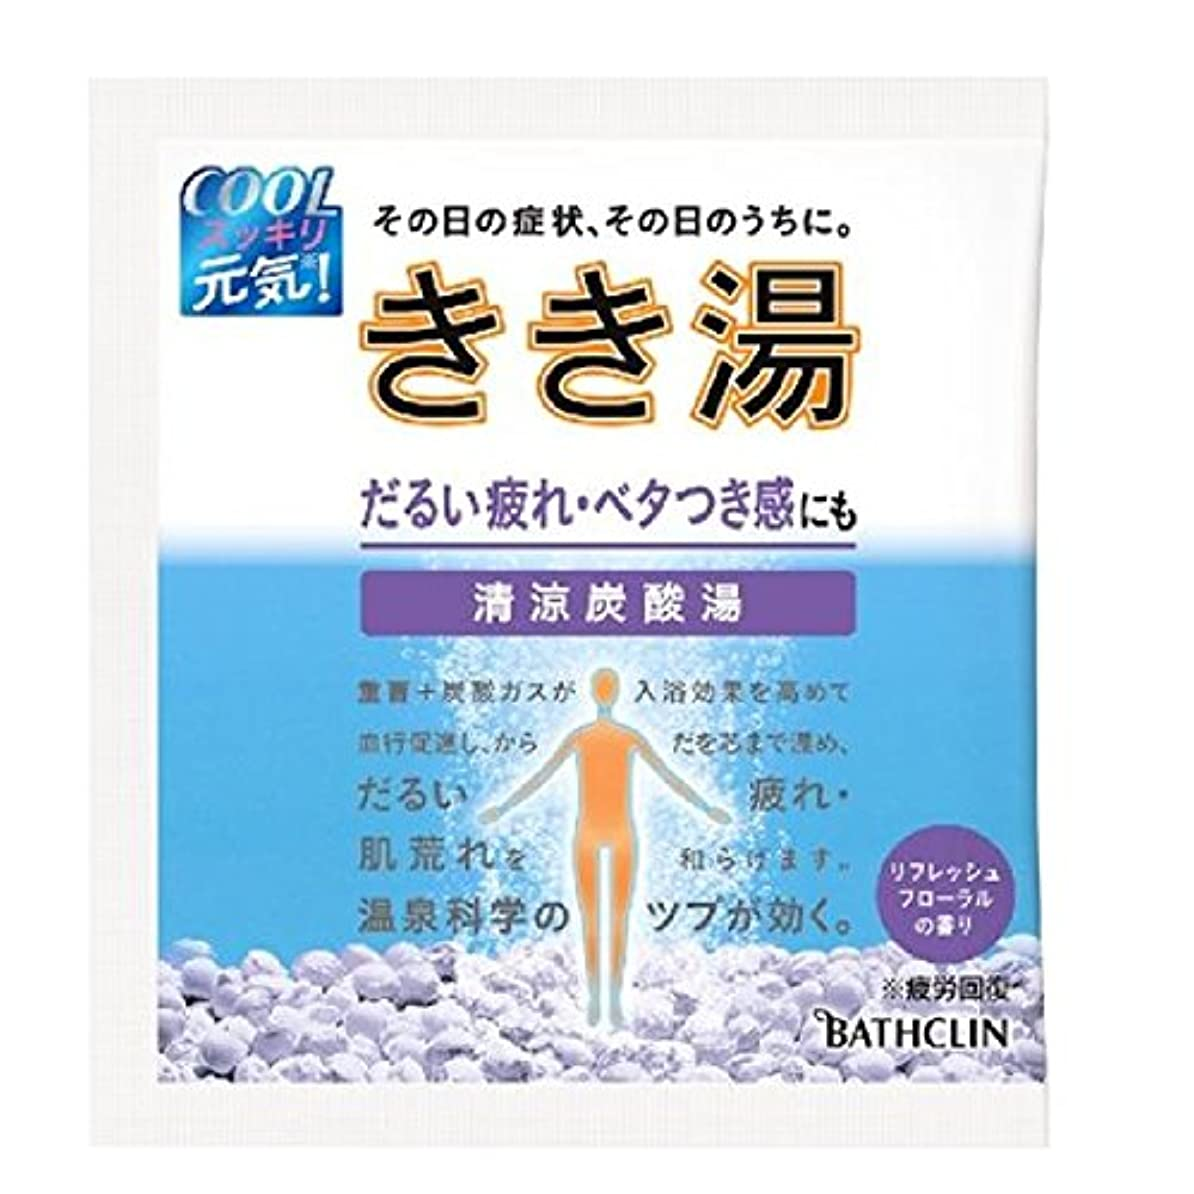 毒液嘆願横に【バスクリン】 きき湯 清涼炭酸湯 リフレッシュフローラルの香り 分包 30g (医薬部外品)